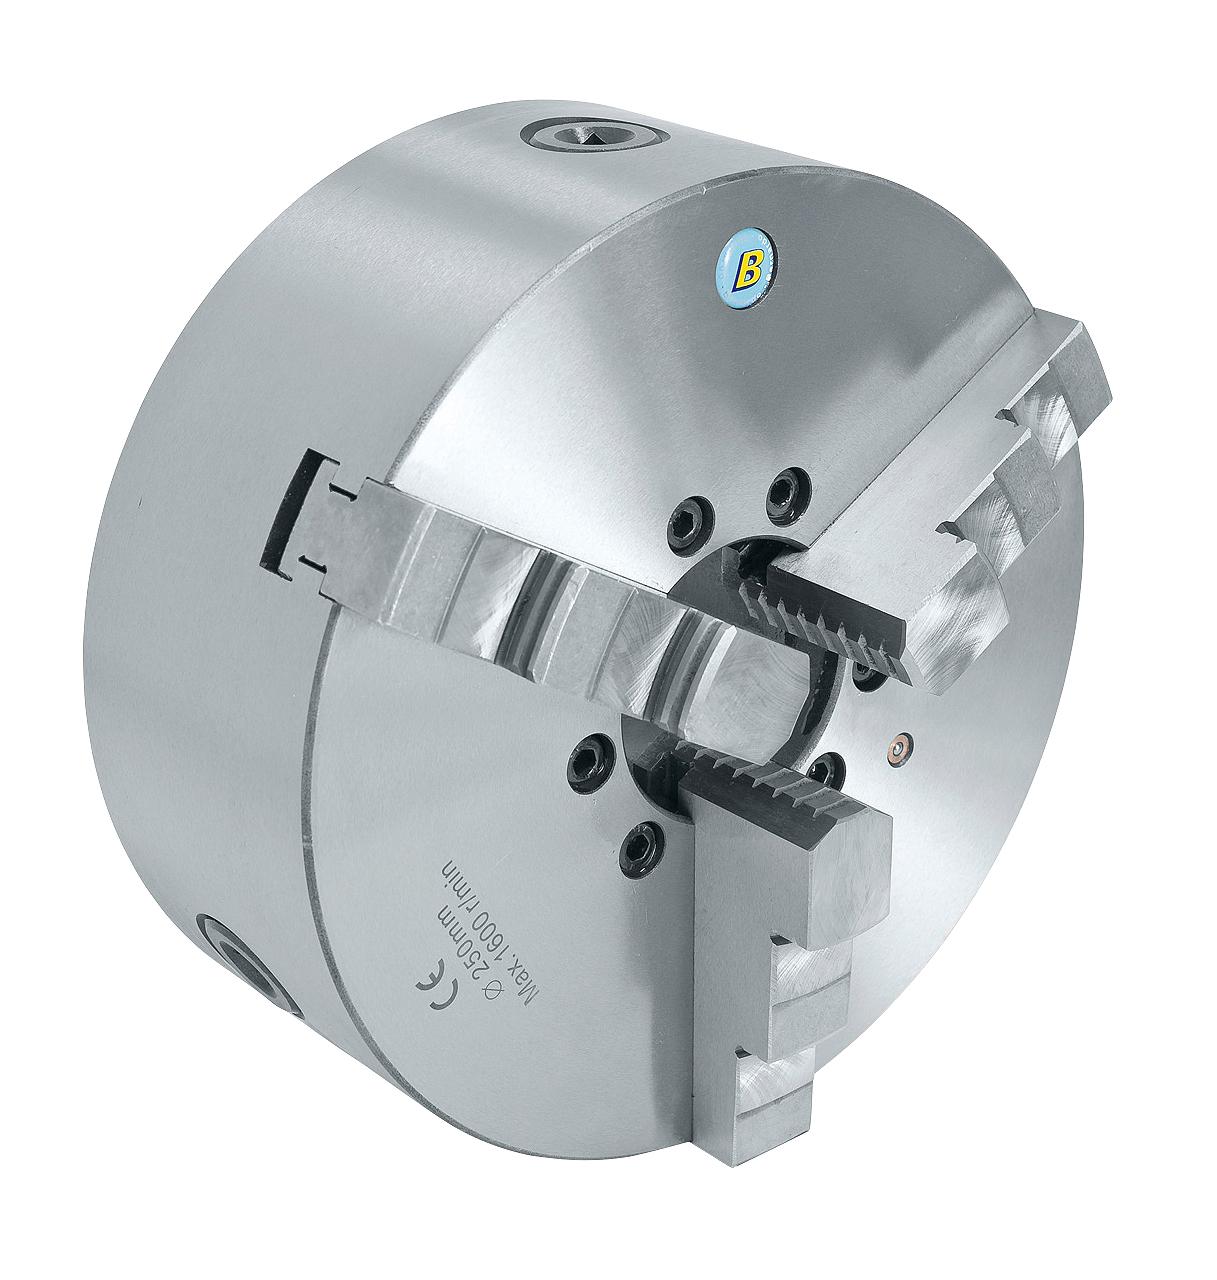 Uchwyt tokarski 3-szczękowy, precyzyjny, żeliwny, DK11-160 DIN 6350  BERNARDO